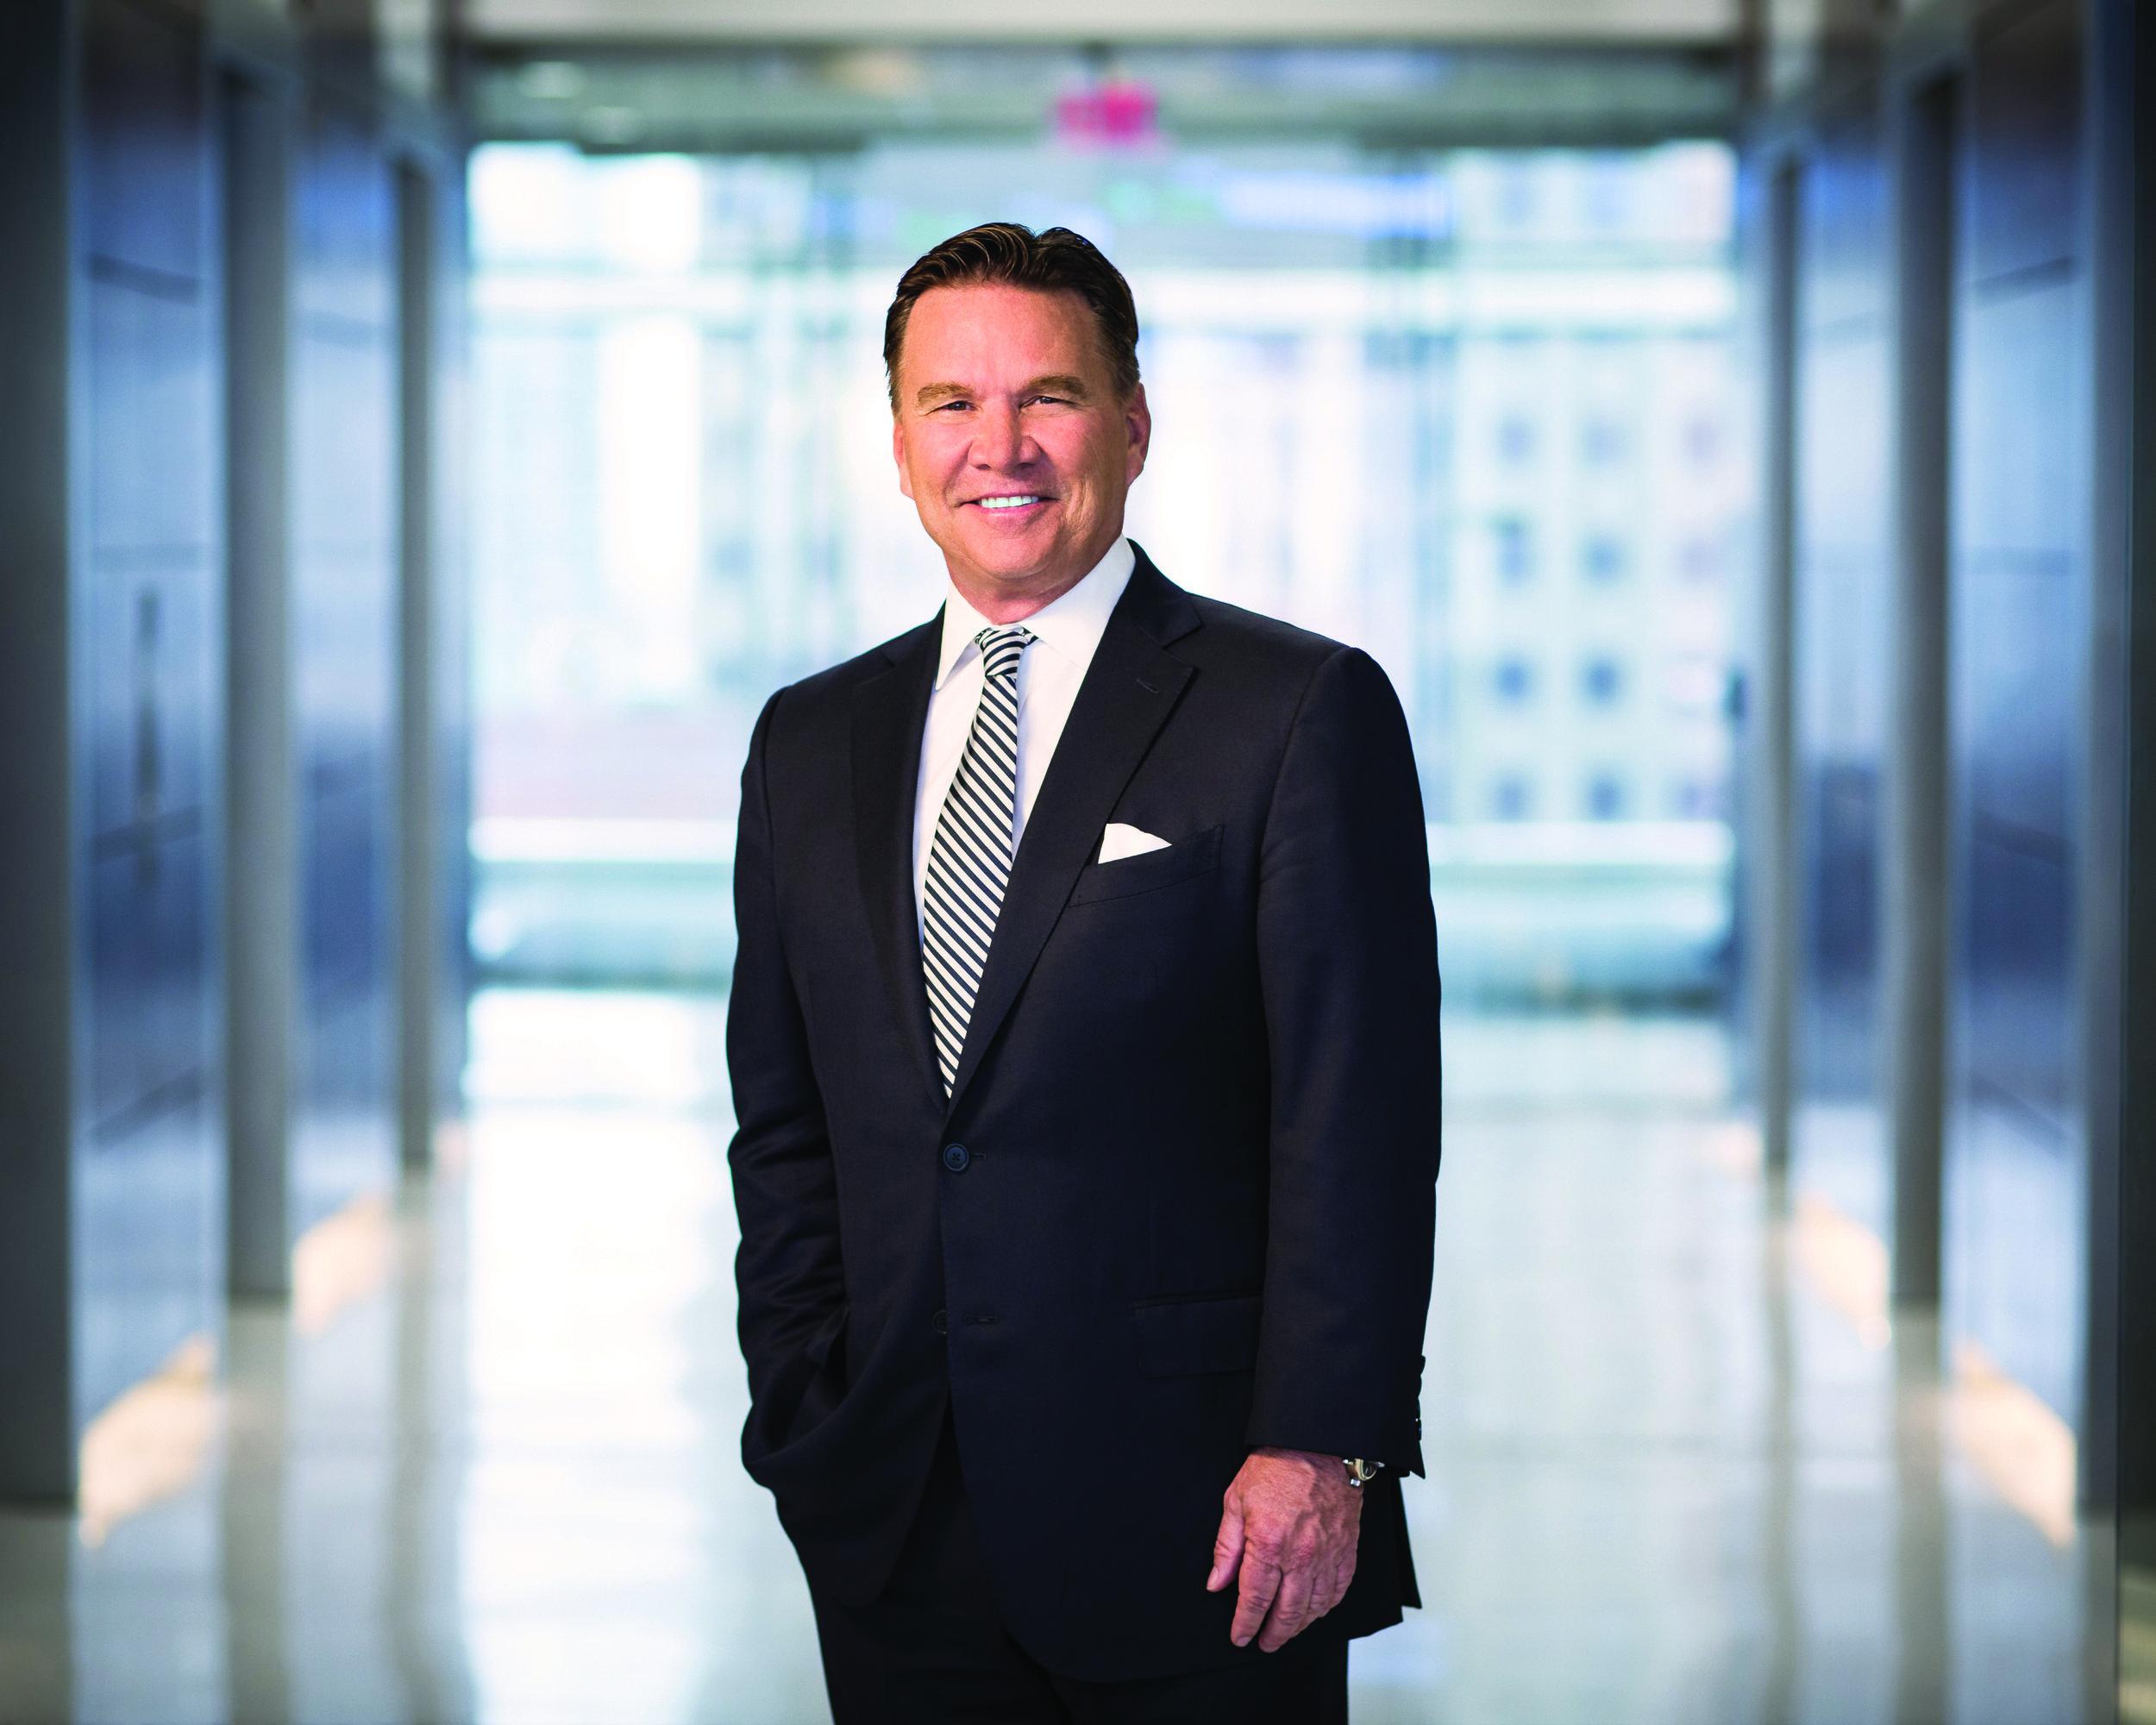 Ron Kruszewski is the Chairman and CEO of Stifel Financial Corp.  Photo by Bill Sawalich